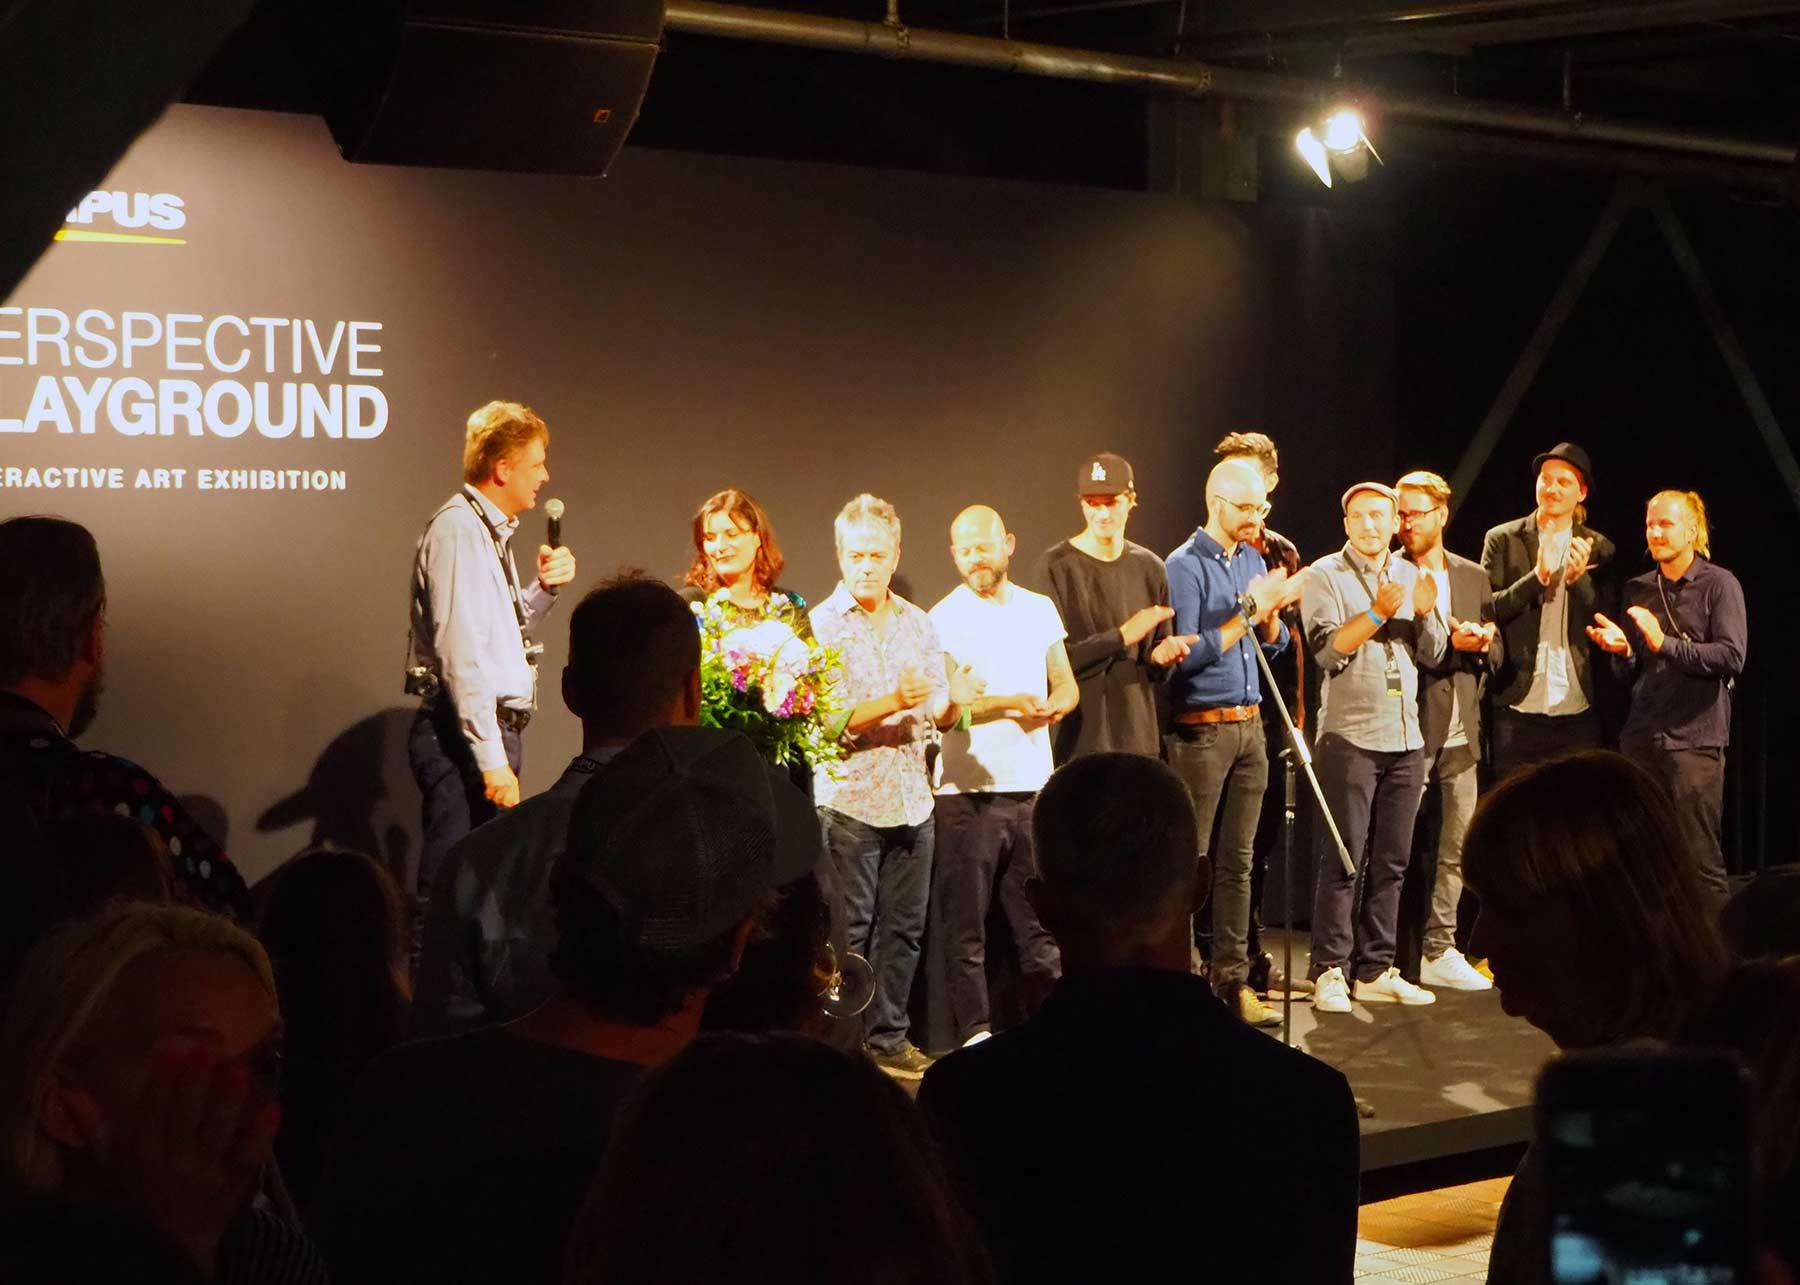 Der OLYMPUS PERSPECTIVE PLAYGROUND in Berlin ist eröffnet! Olympus-Perspective-Playground-Berlin-2017_06